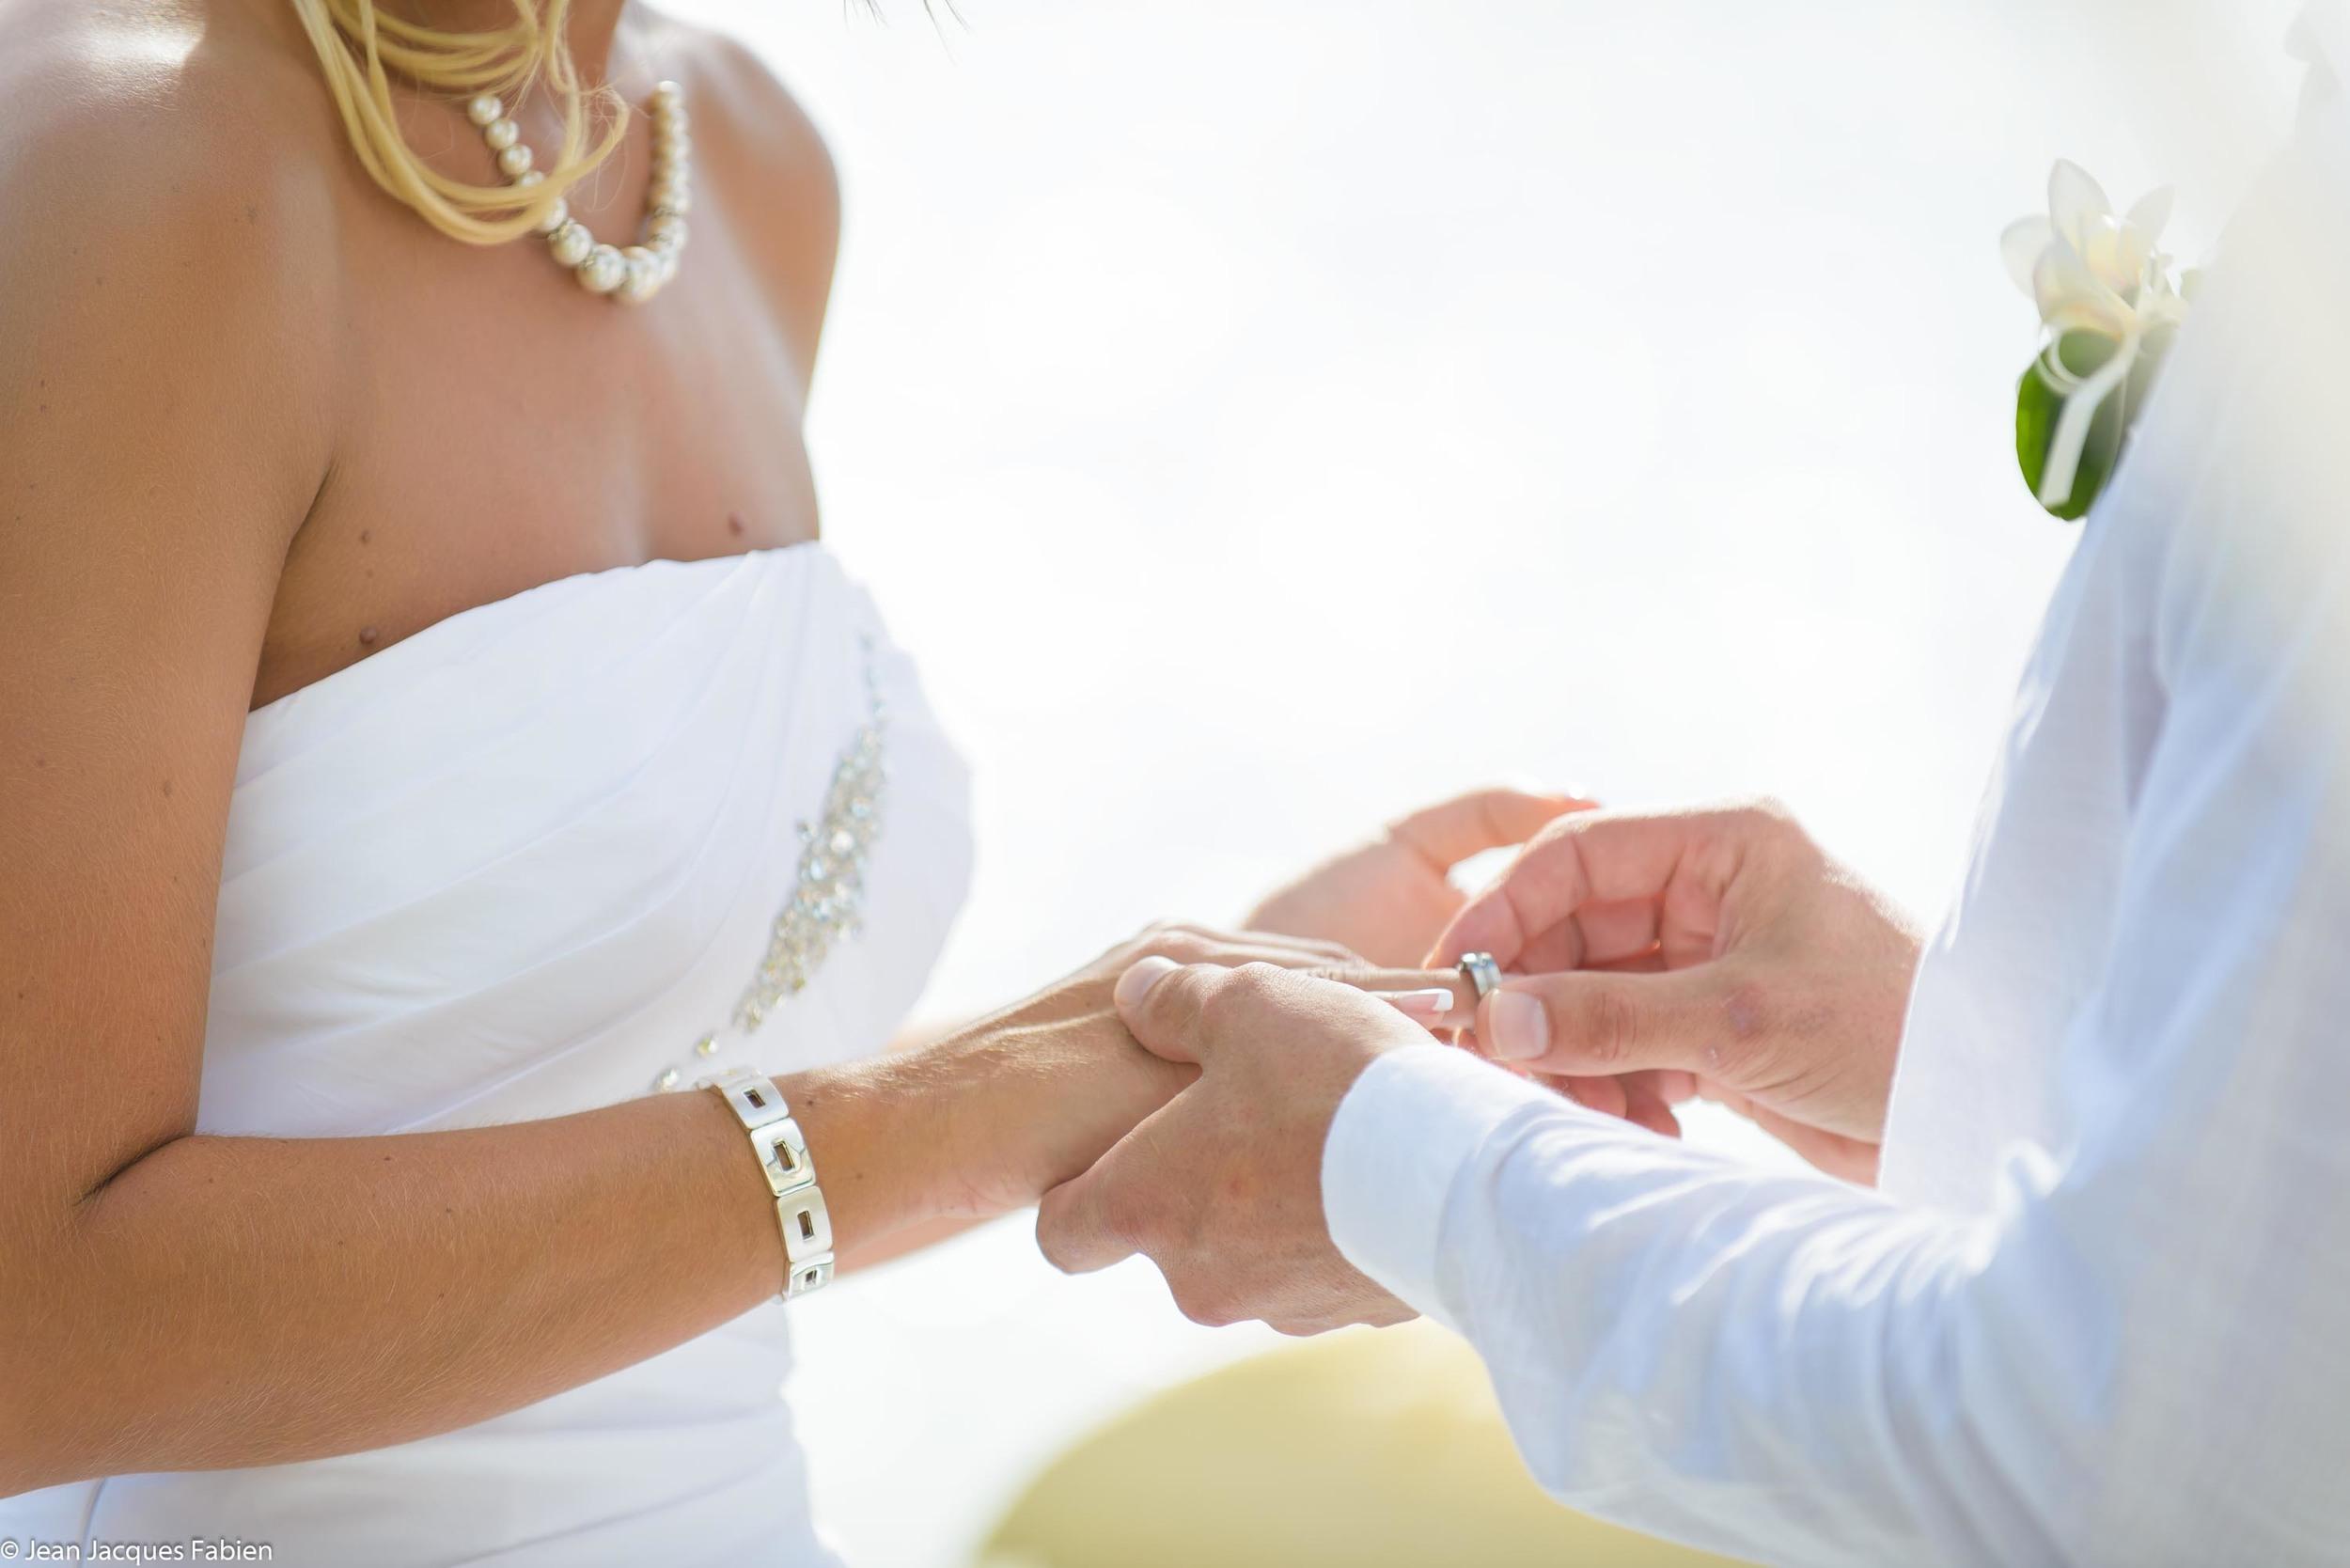 Wedding Sofitel 09-11-2012 (67 of 193).jpg